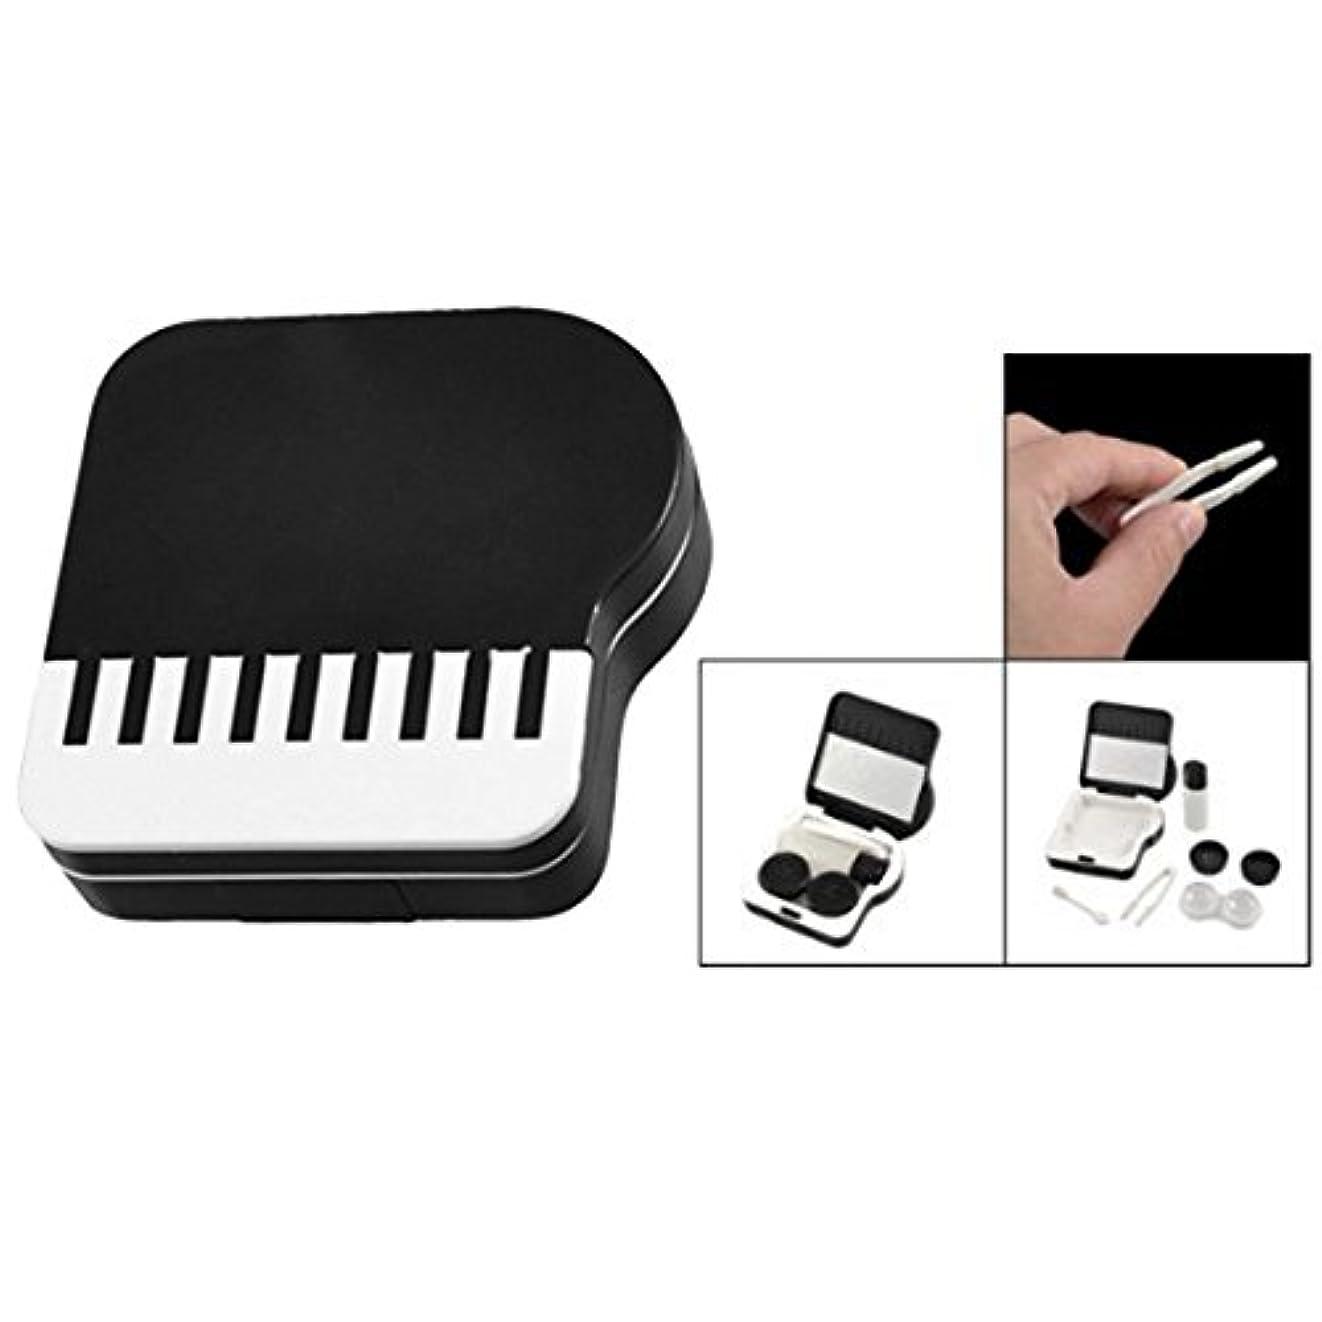 変換するまだ包囲ACAMPTAR ピアノのデザイン 目に見えないコンタクトレンズボックス ケース-黒&白